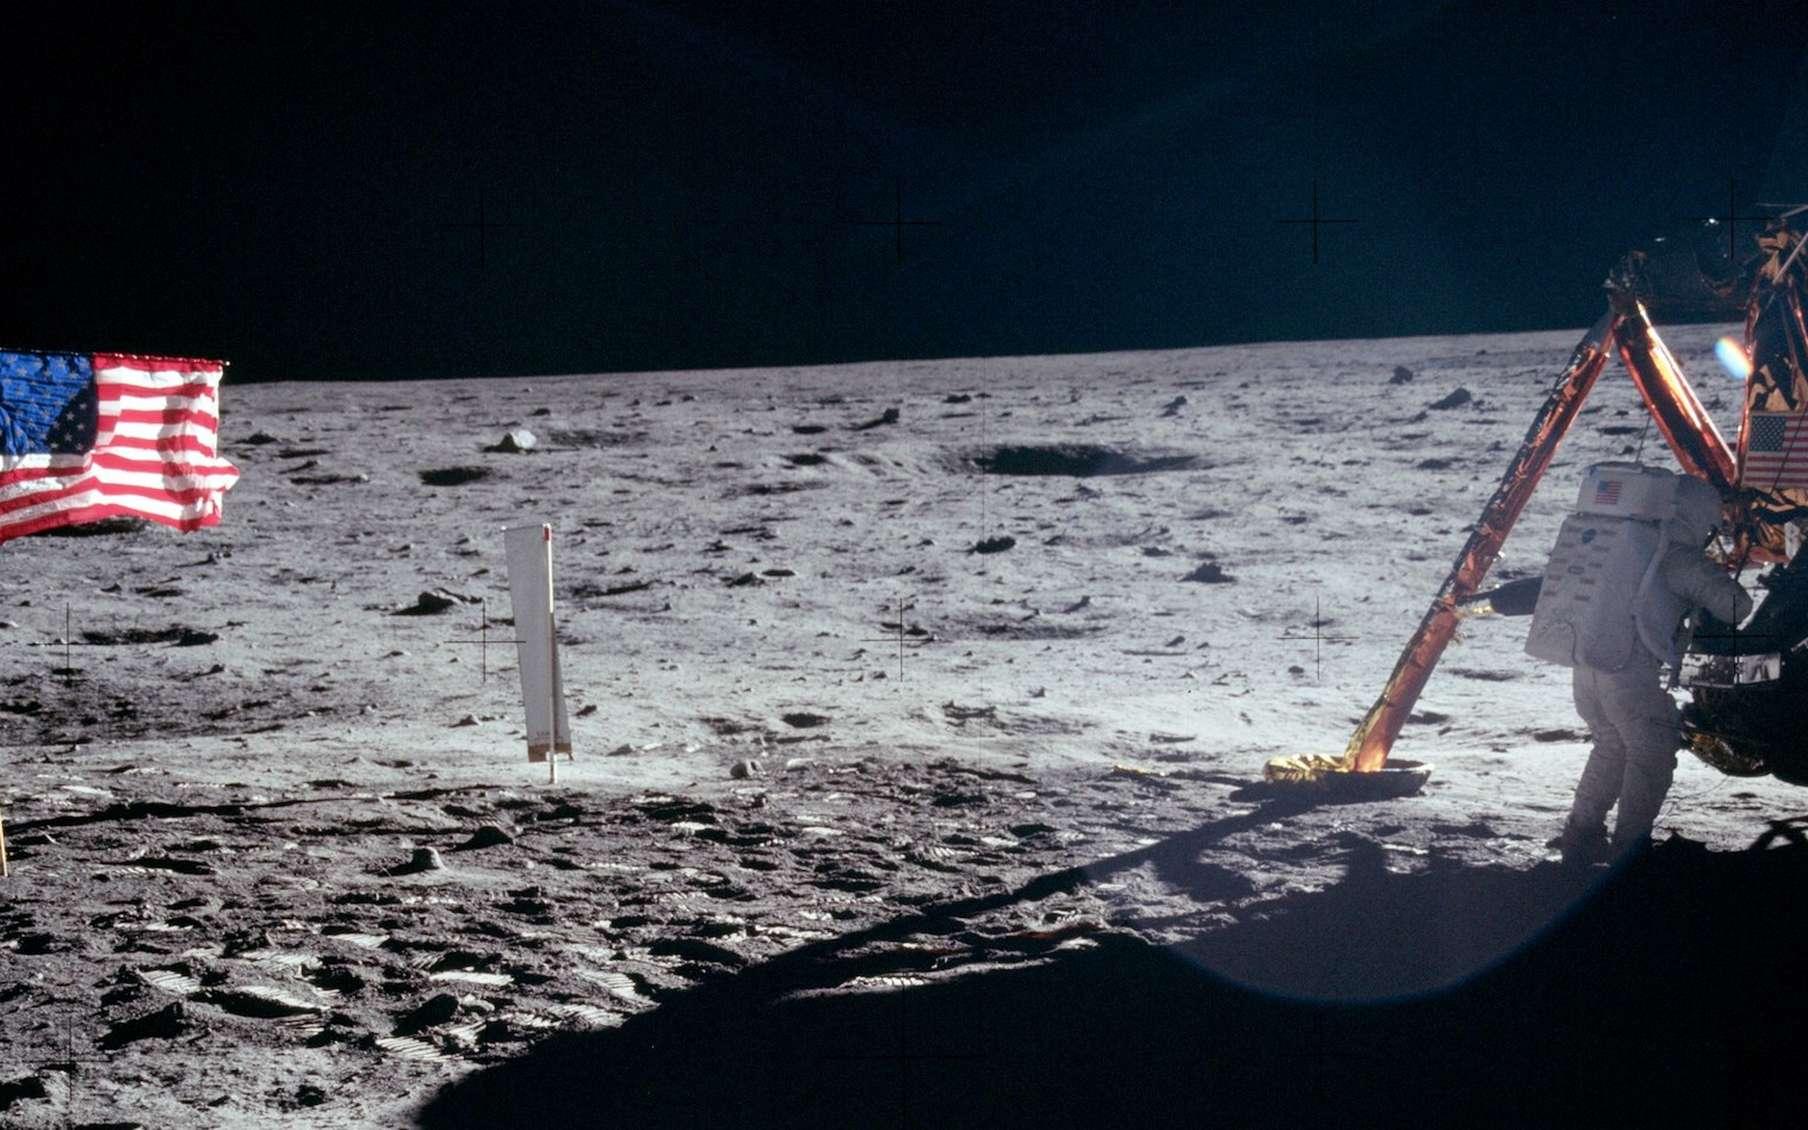 Neil Armstrong, le premier Homme à avoir marché sur la Lune, était un homme discret. Il l'est resté jusqu'à sa mort en 2012. © Nasa, Domaine public